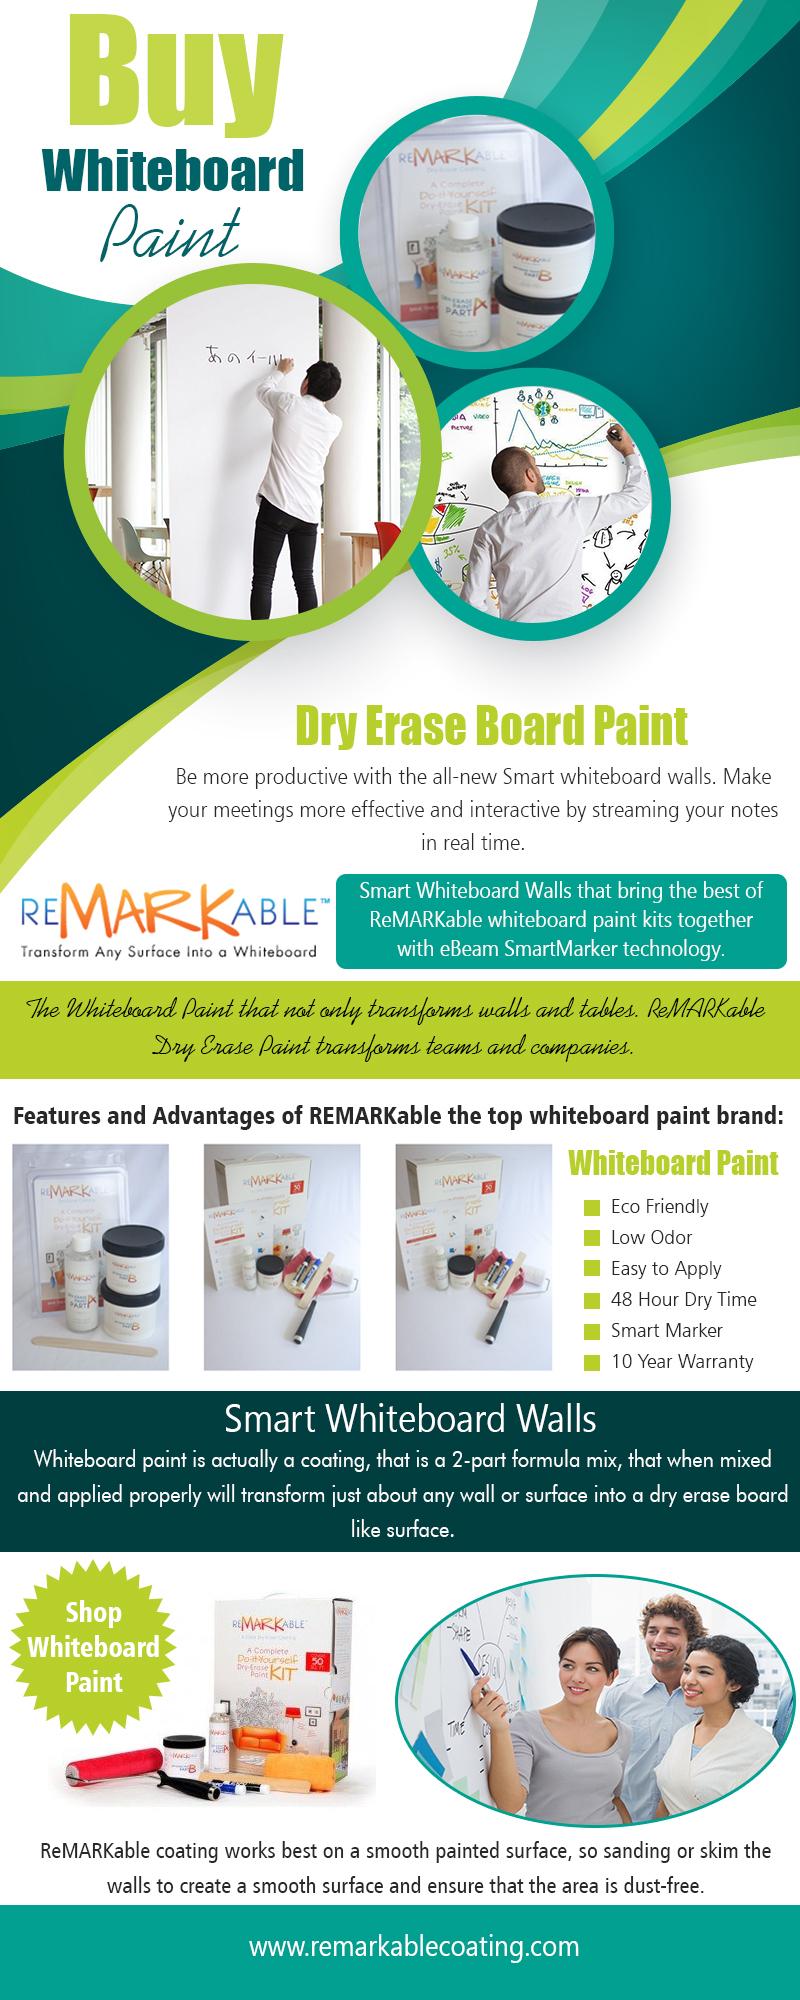 Buy Whiteboard Paint